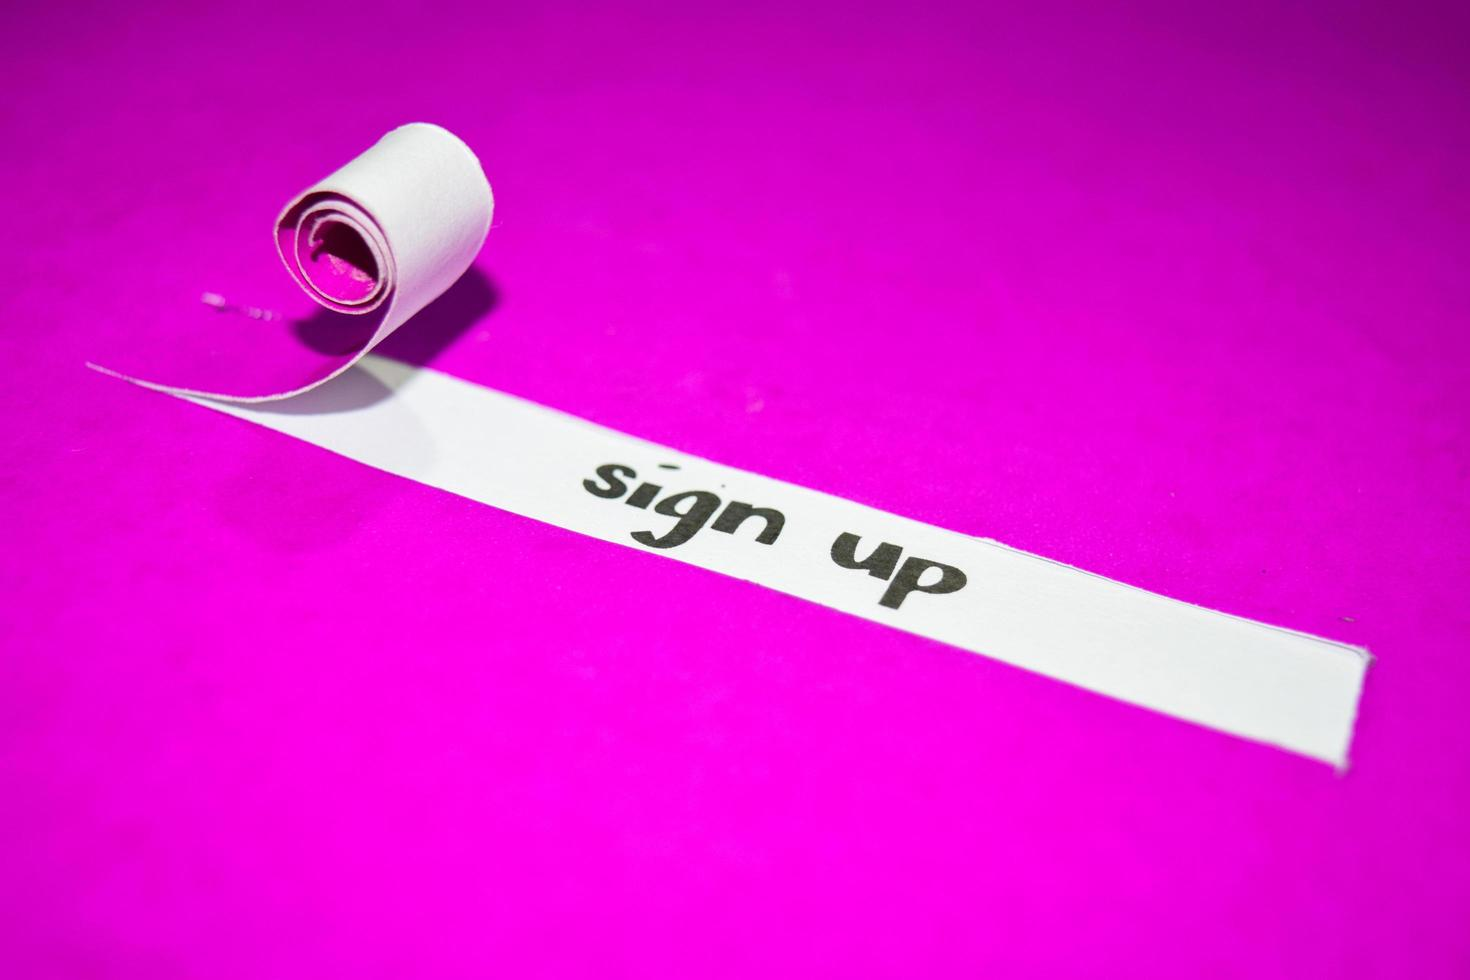 teken tekst, inspiratie, motivatie en bedrijfsconcept op paars gescheurd papier foto